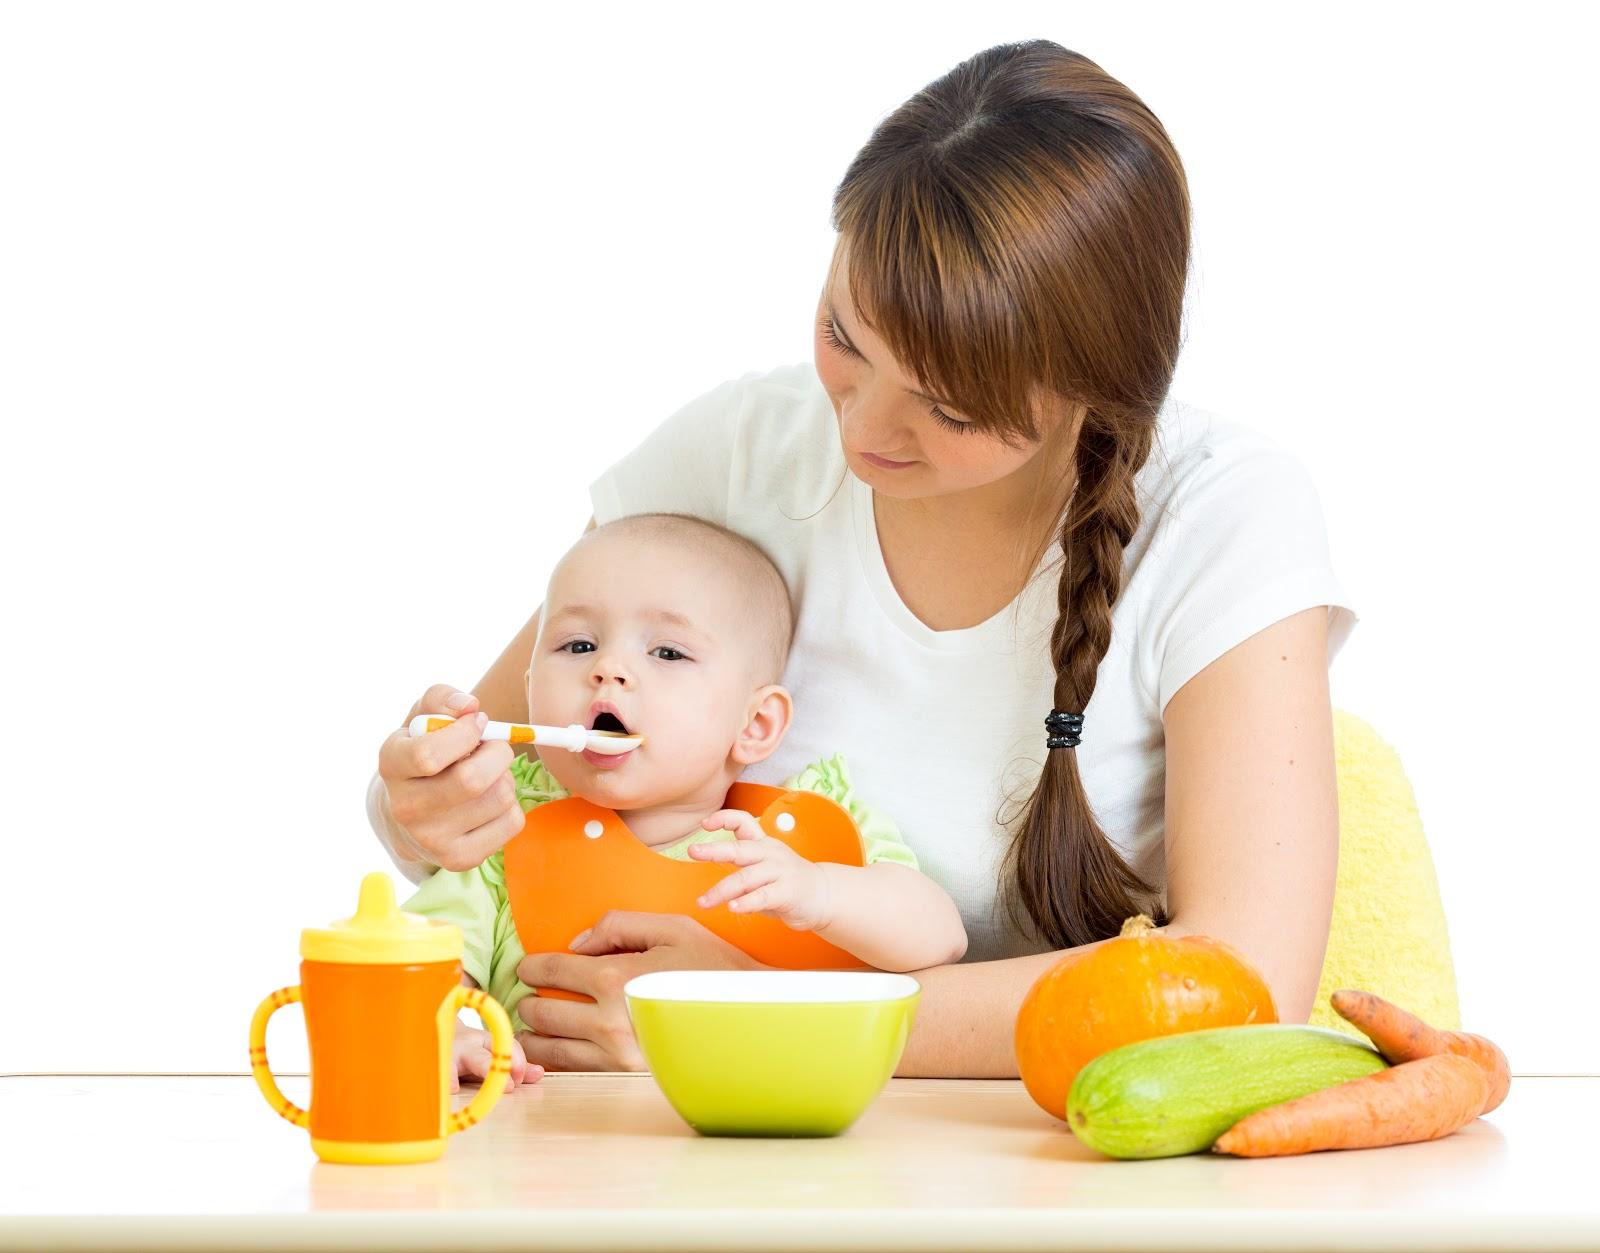 Anemia en la alimentaci n complementaria por qu la villa beb - Alimentacion bebe 7 meses ...